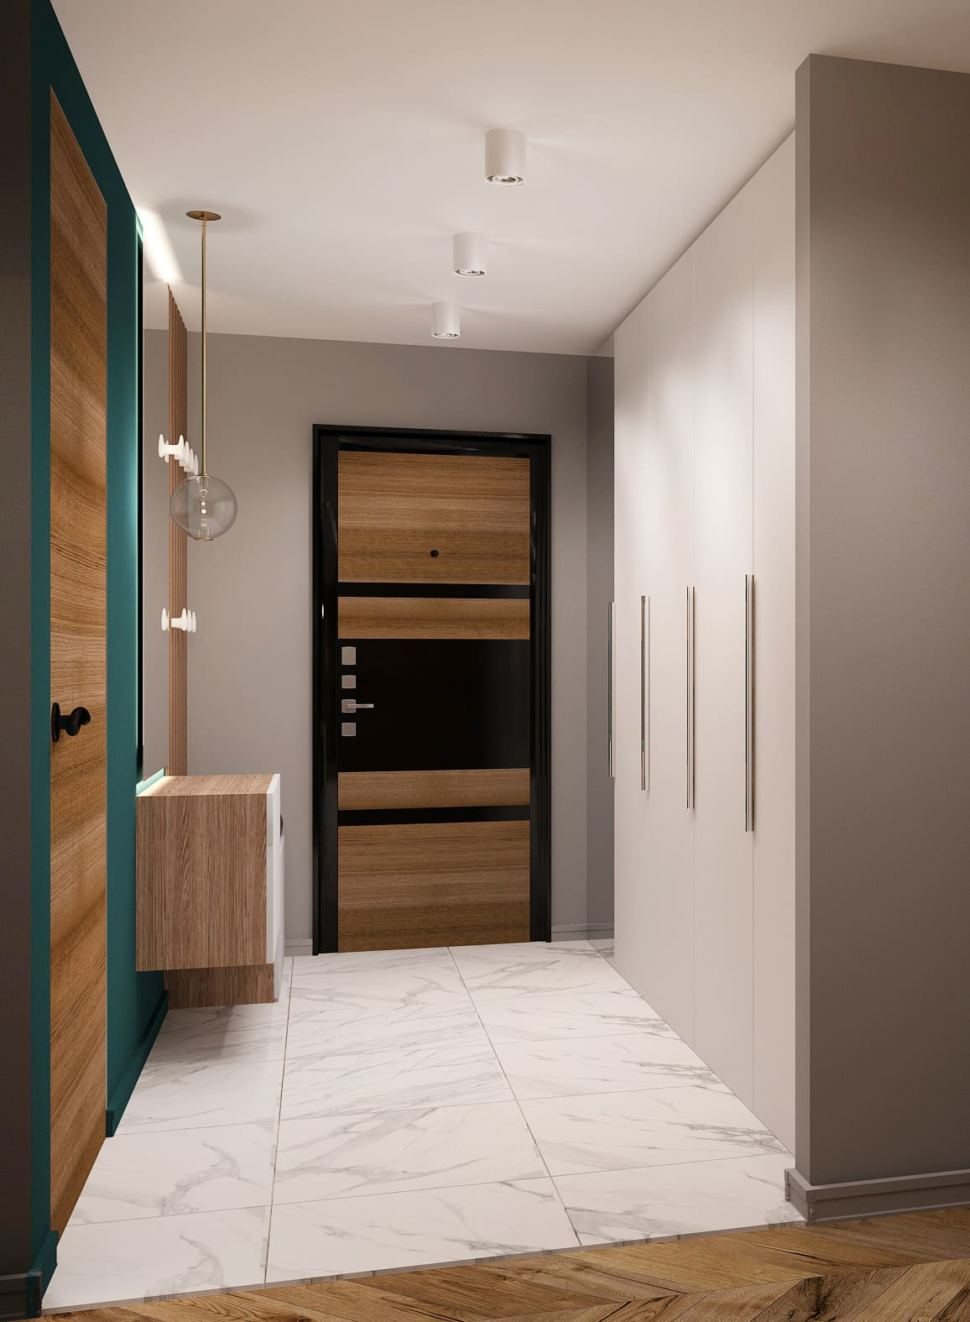 Дизайн-проект прихожей 7 кв.м и коридора 6 кв.м в современном лофте с древесными и серыми оттенками, зеркало, подвесной светильник, белая скамья